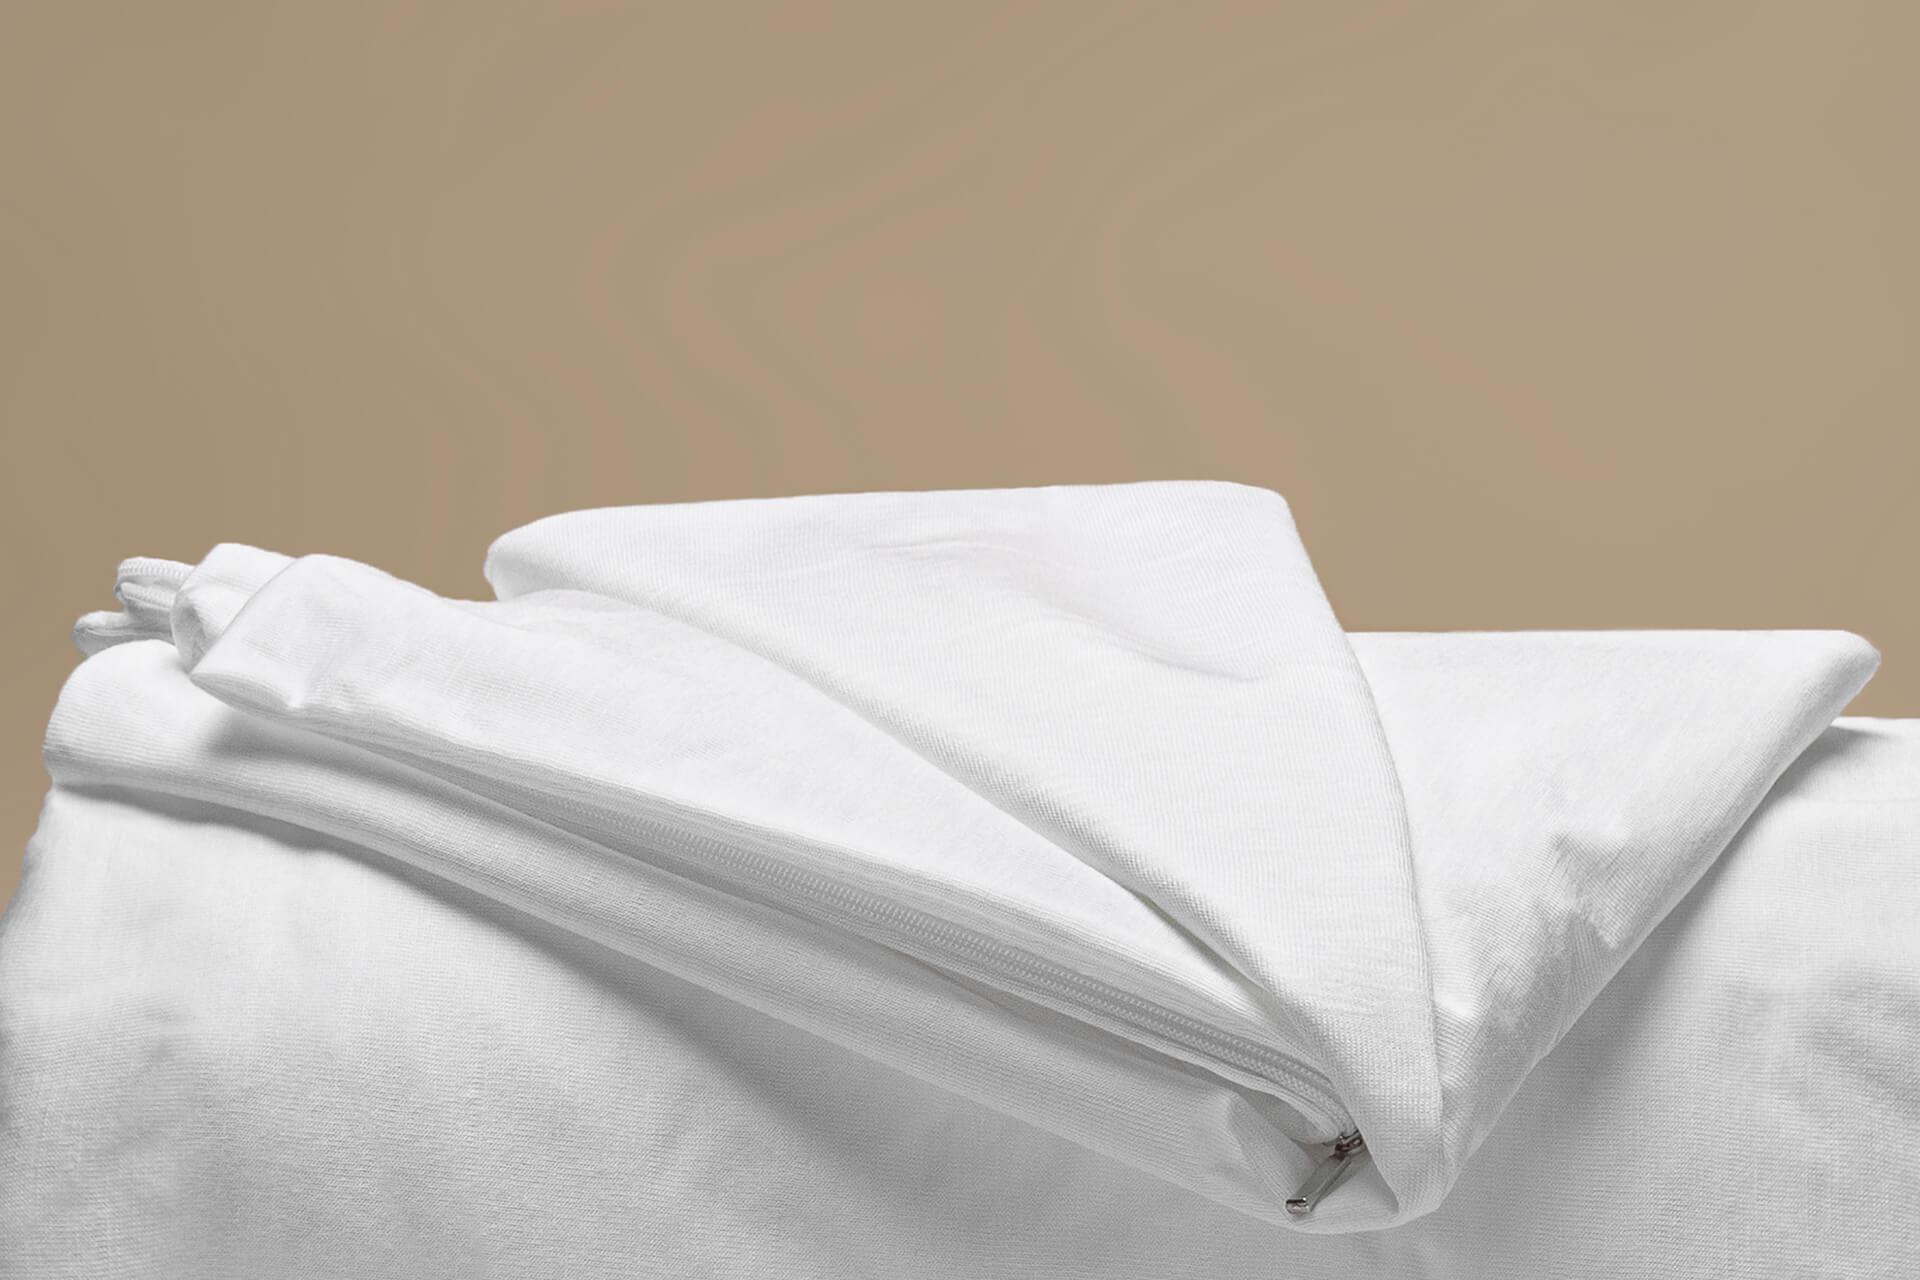 coprimaterasso impermeabile tencel a cappuccio dettaglio